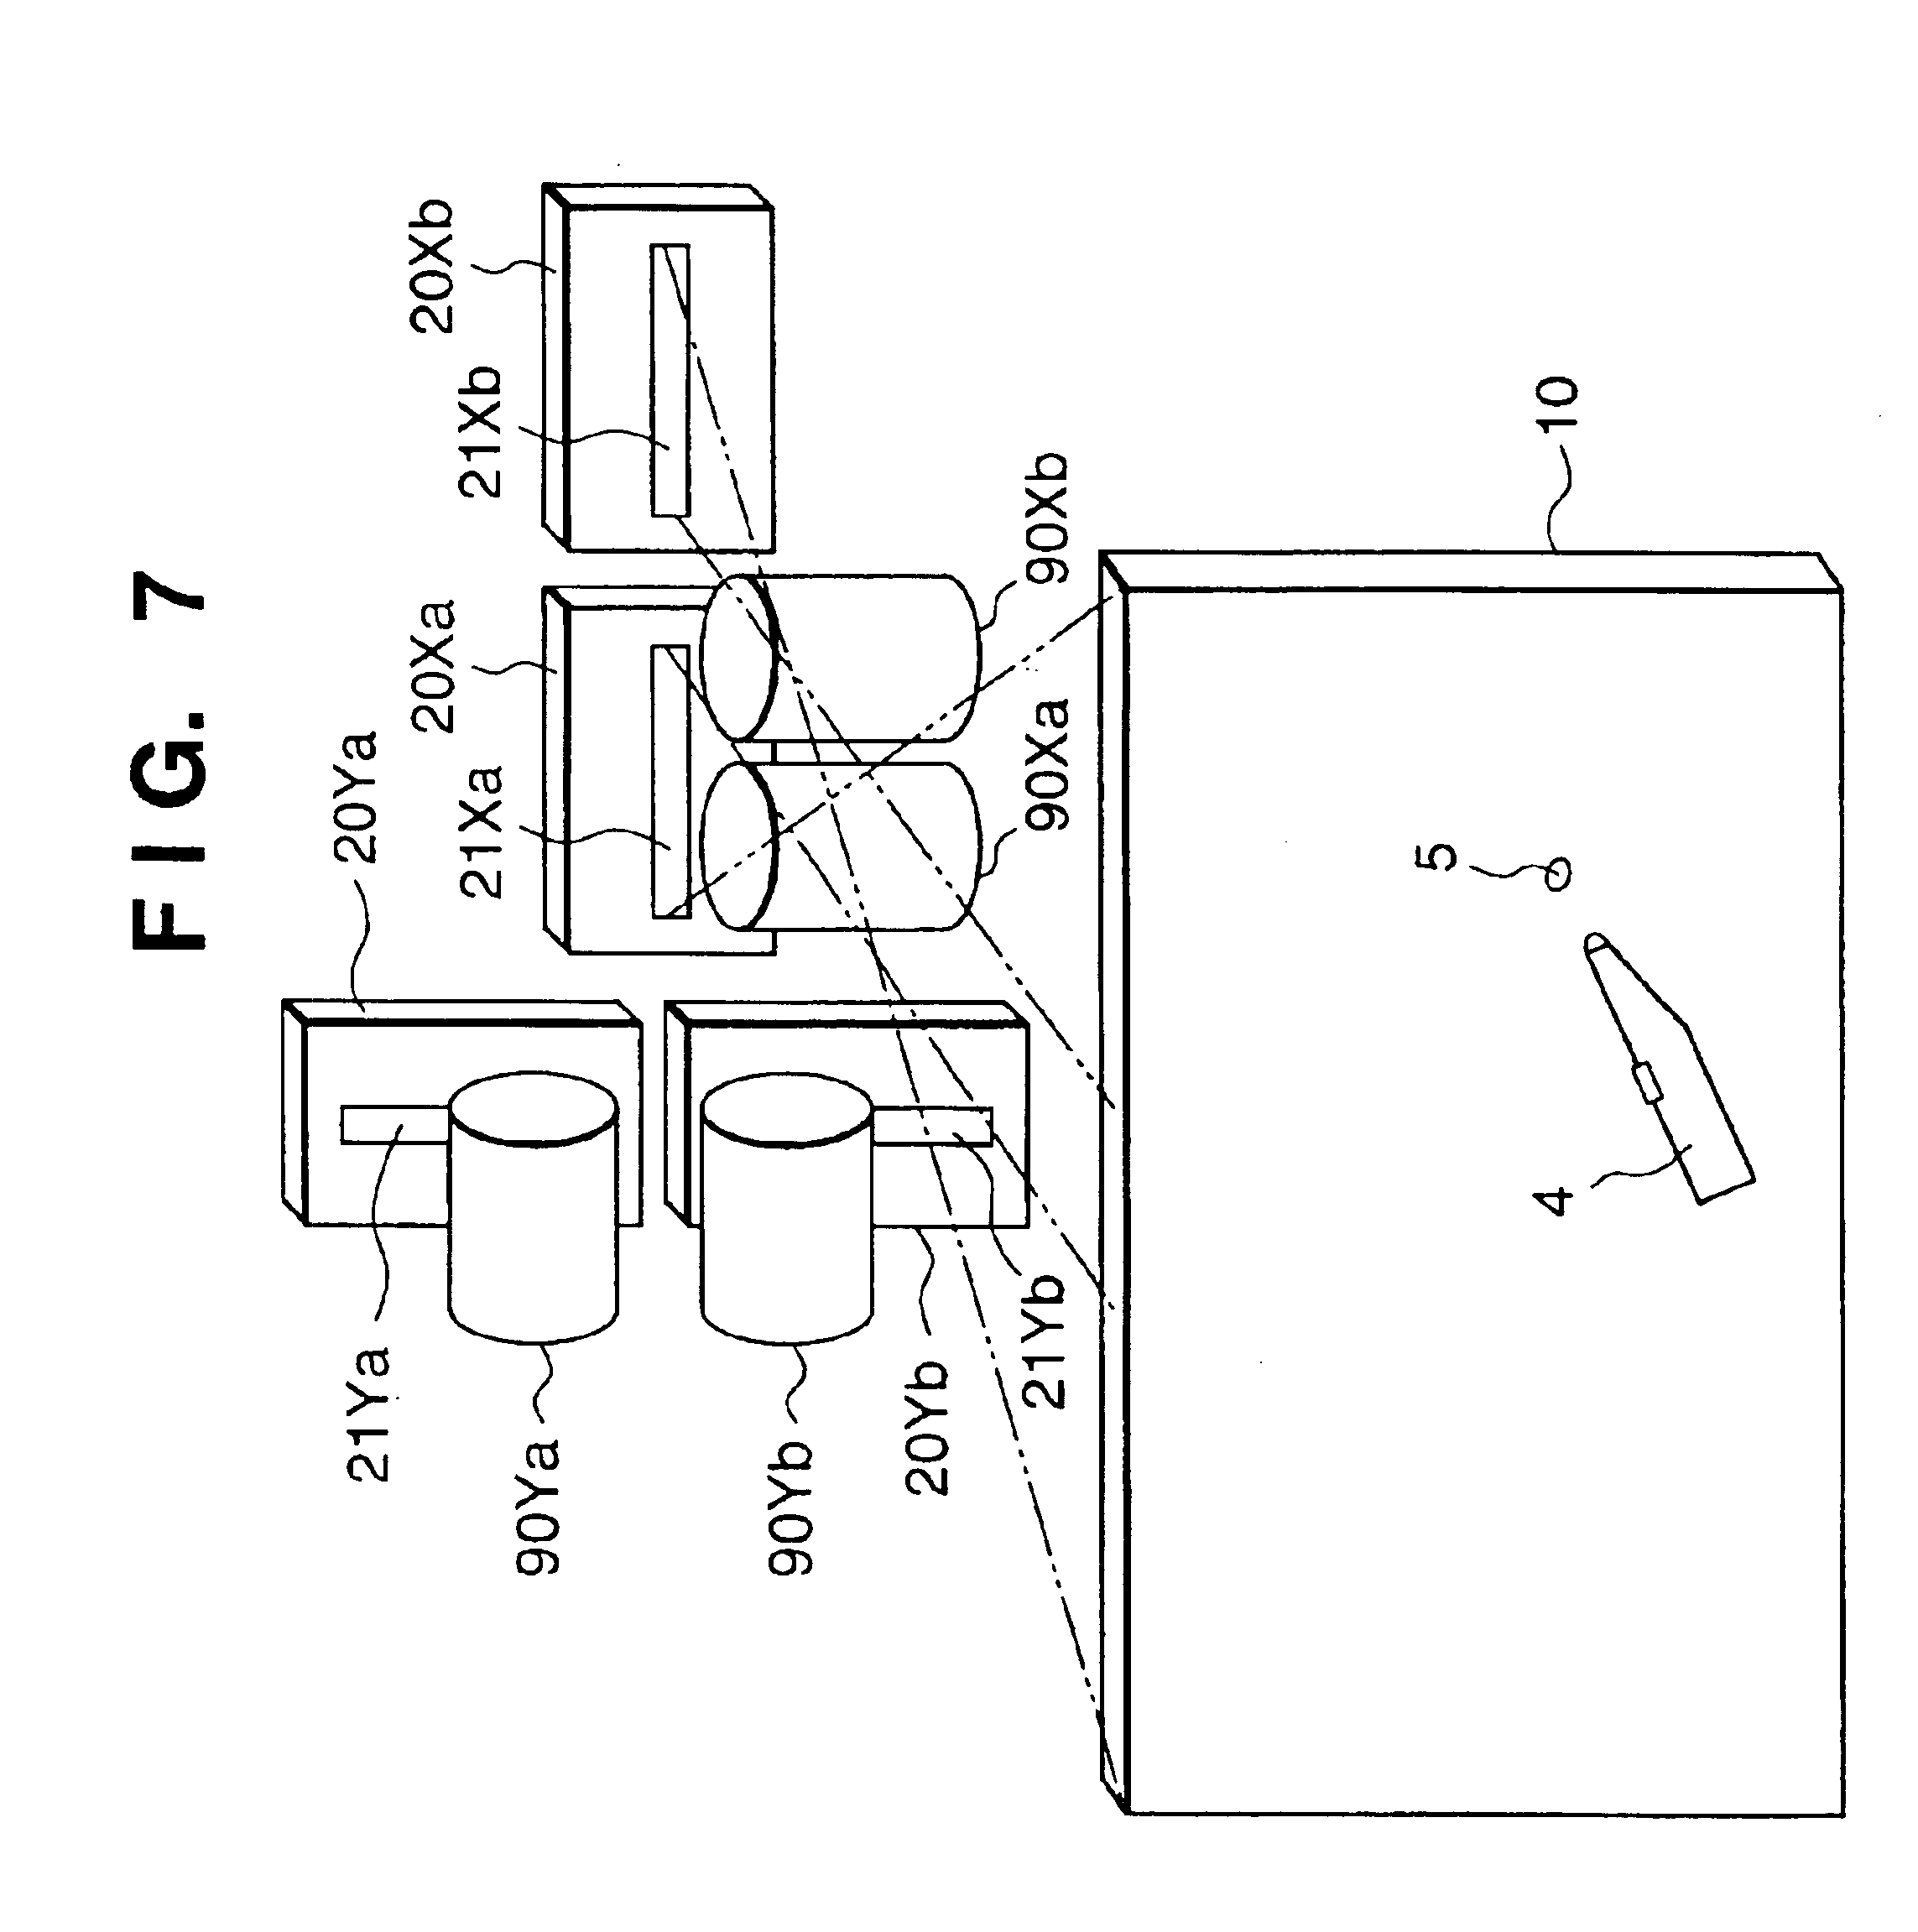 patent us6906702